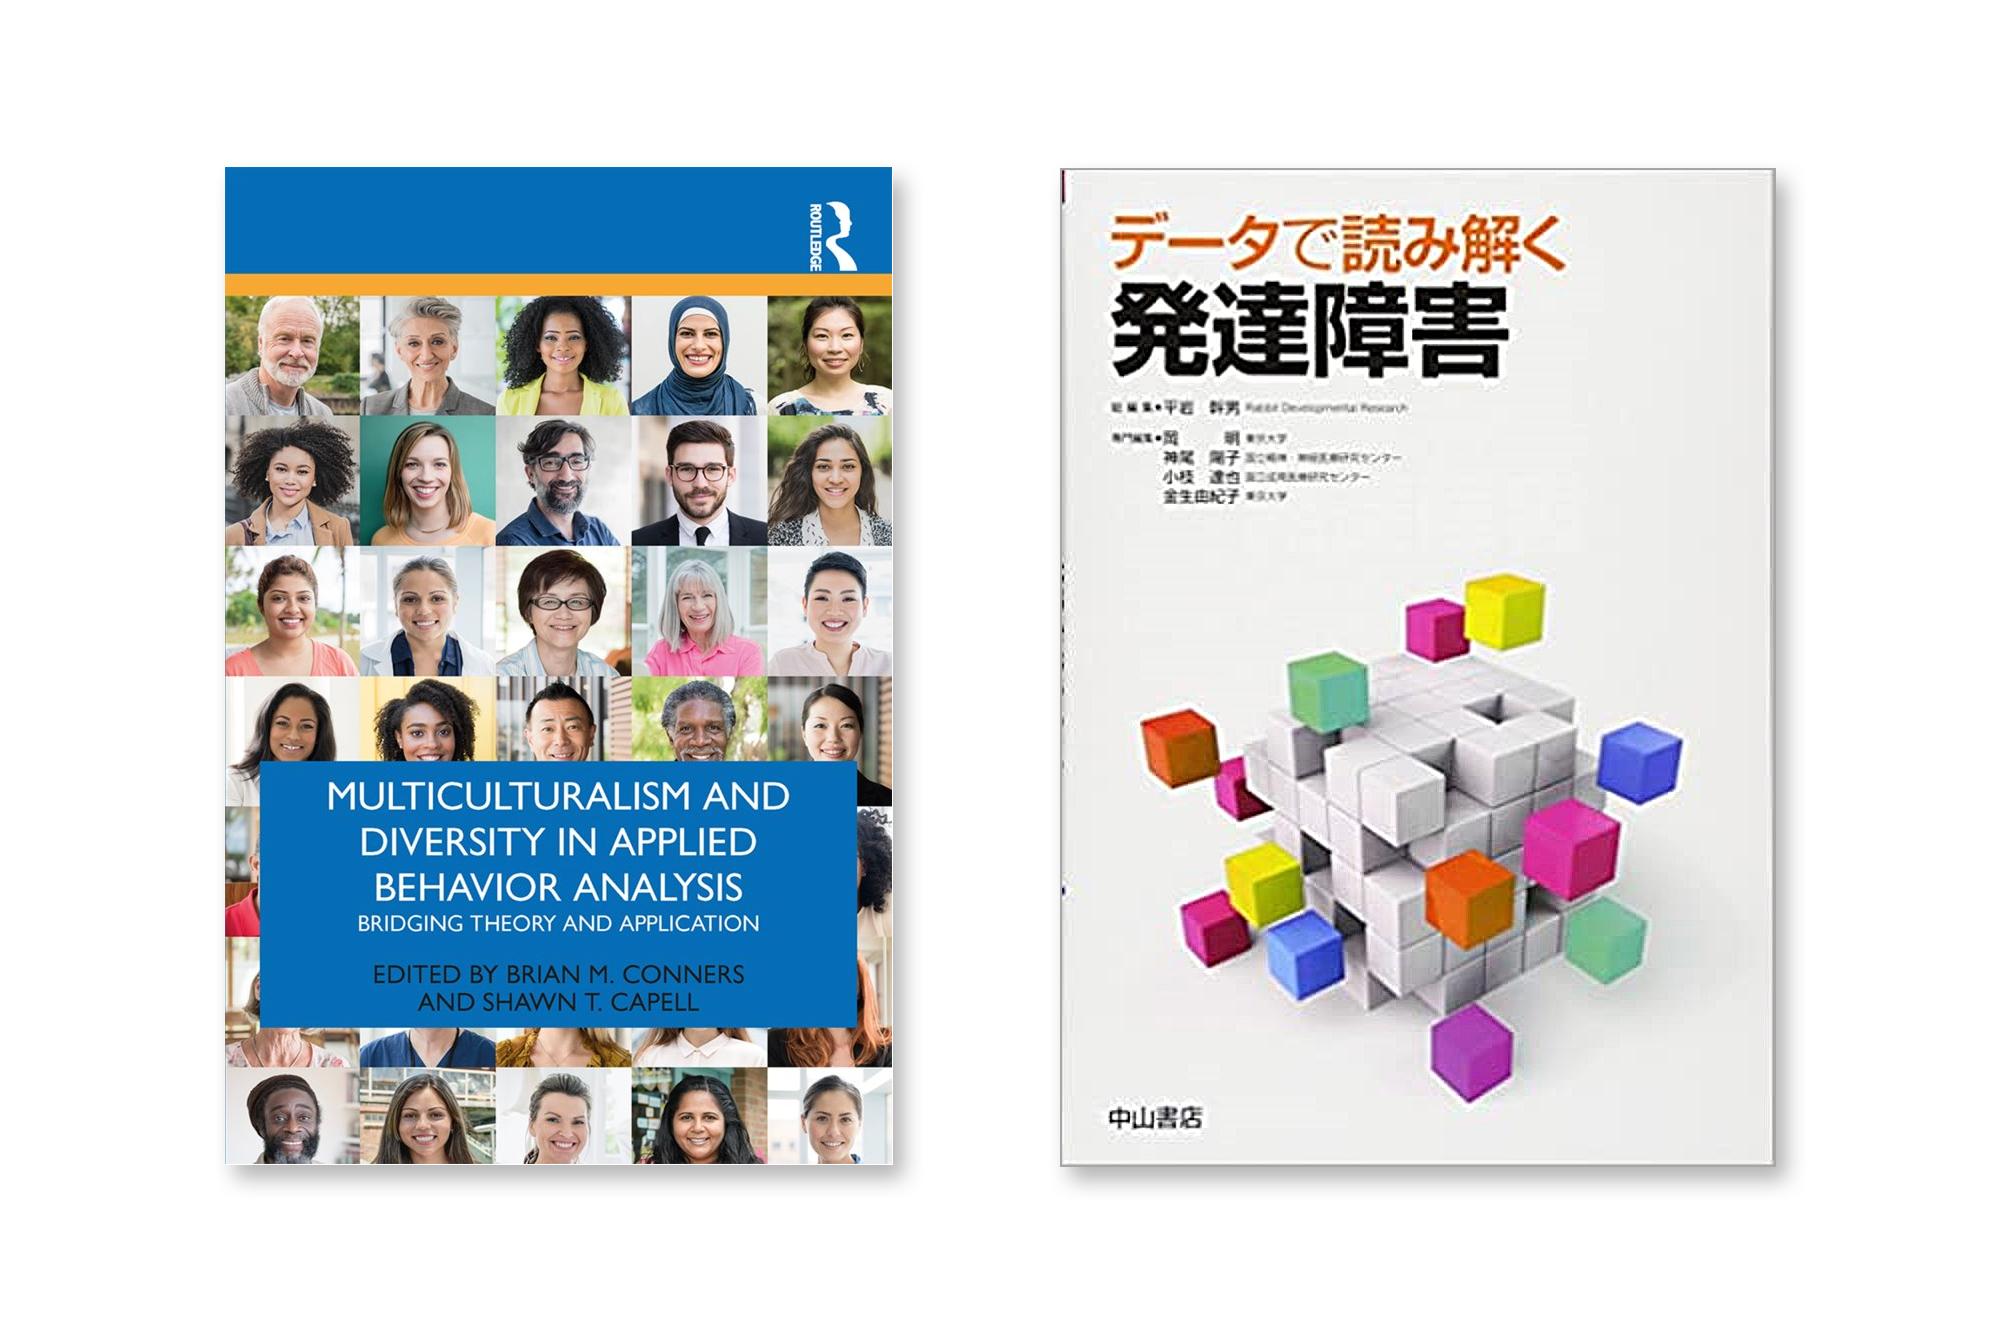 学会発表と出版物